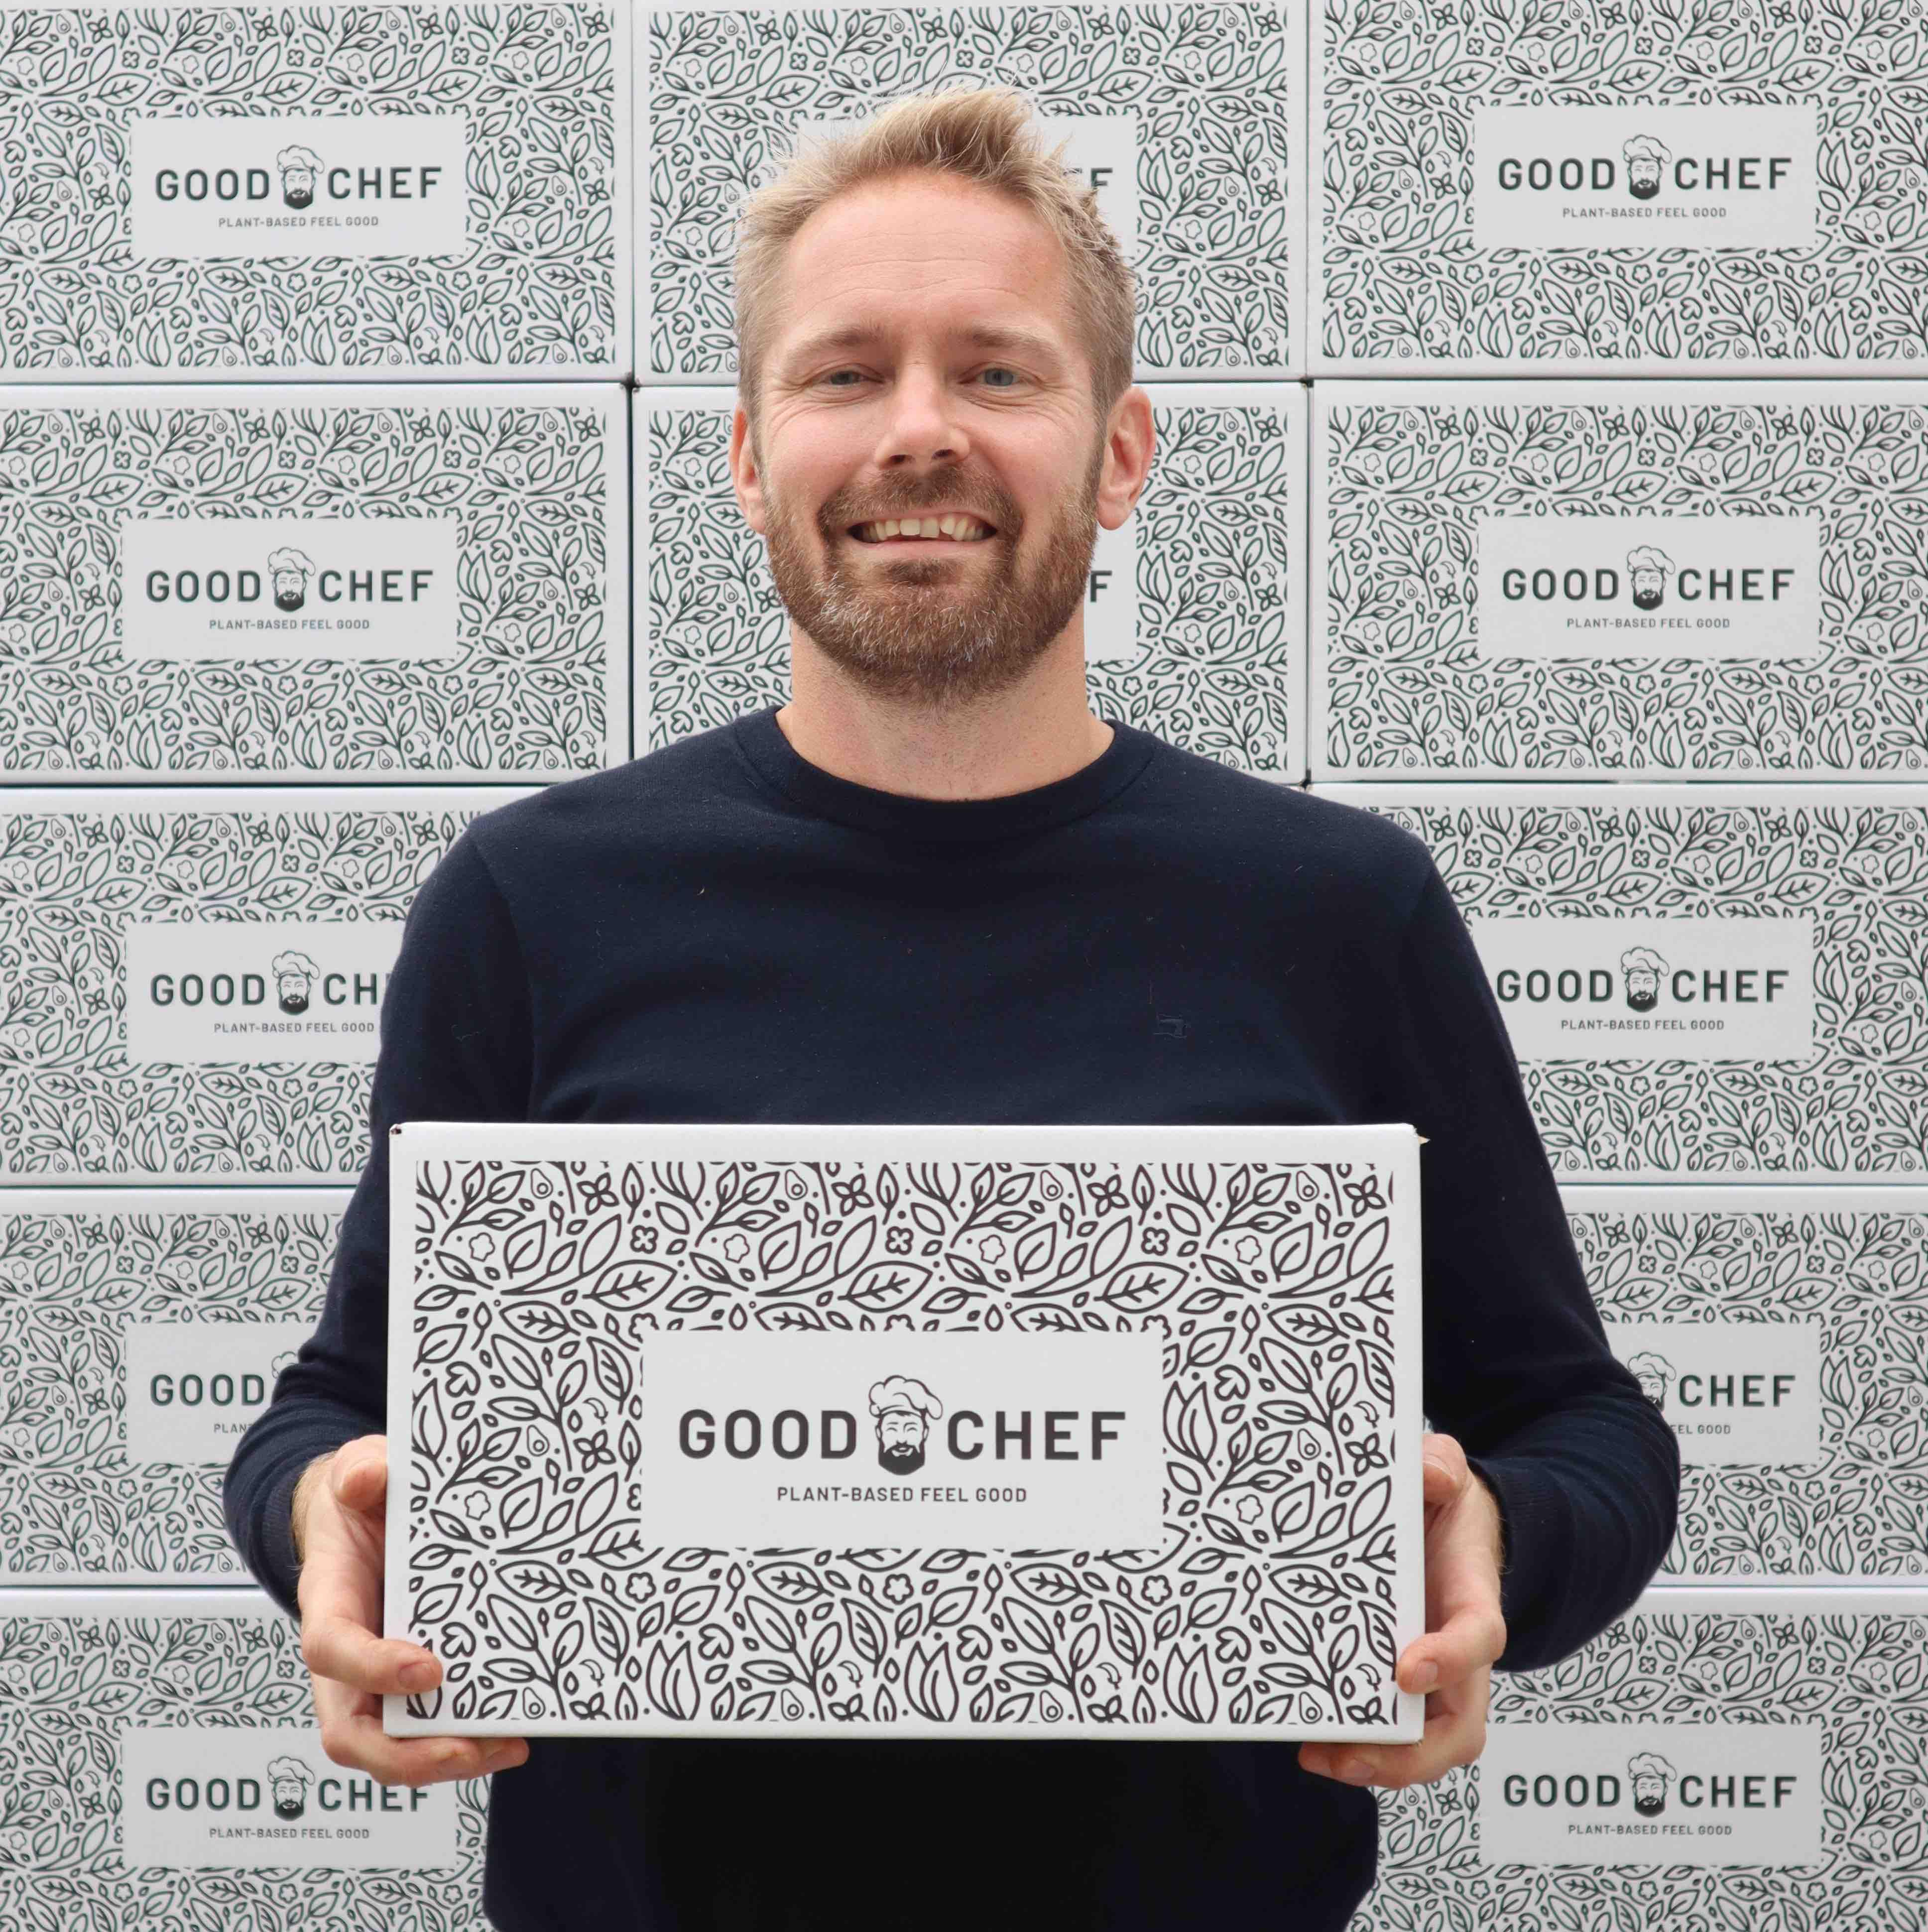 Haarlemmer Rutger Anema maakt plant-based eten makkelijk. 'Mensen moeten minder vlees, meer groente eten'